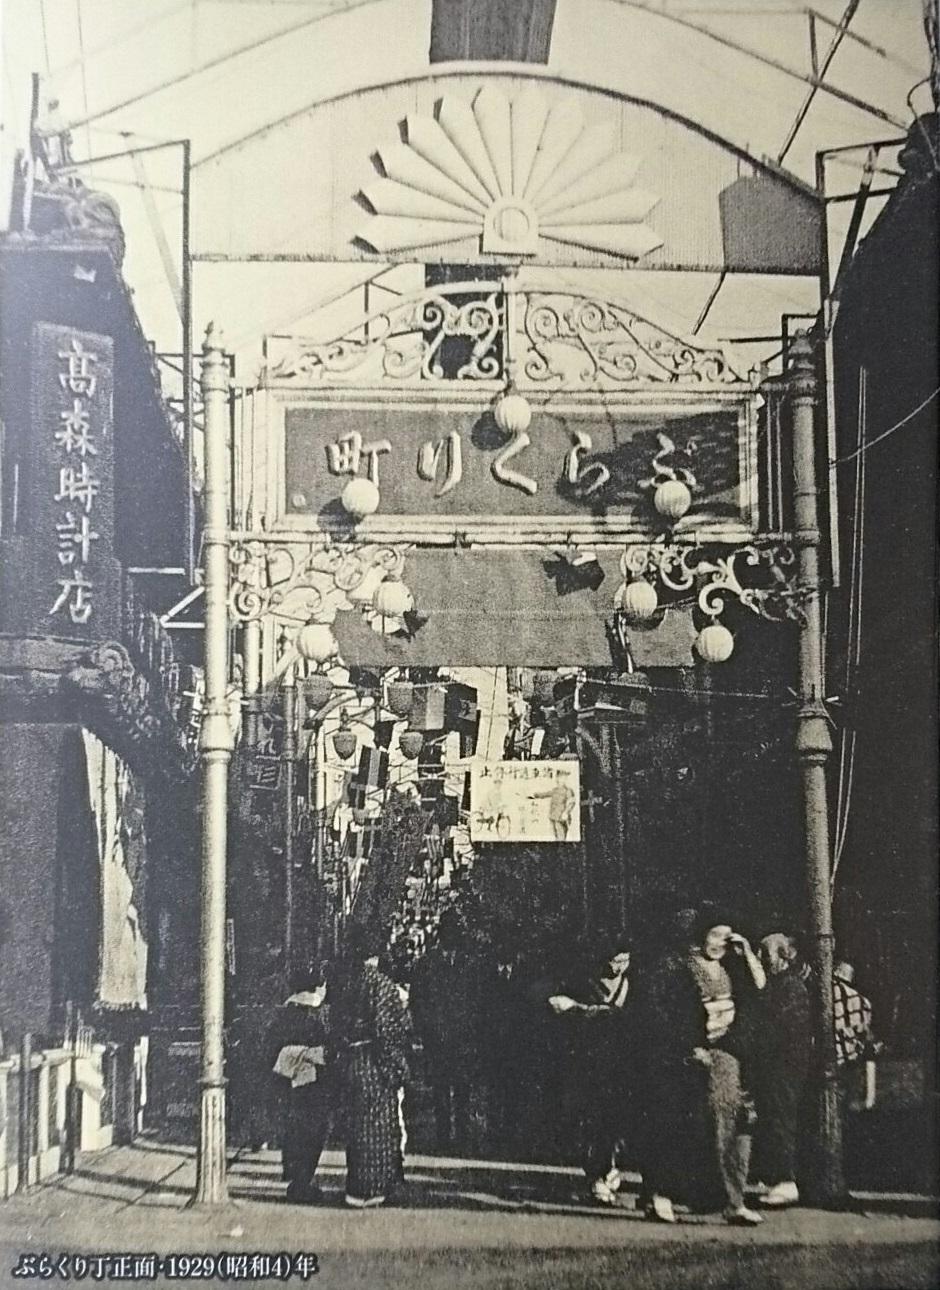 2017.8.17 わかやま (27) ぶらくり丁(1929年) 940-1290